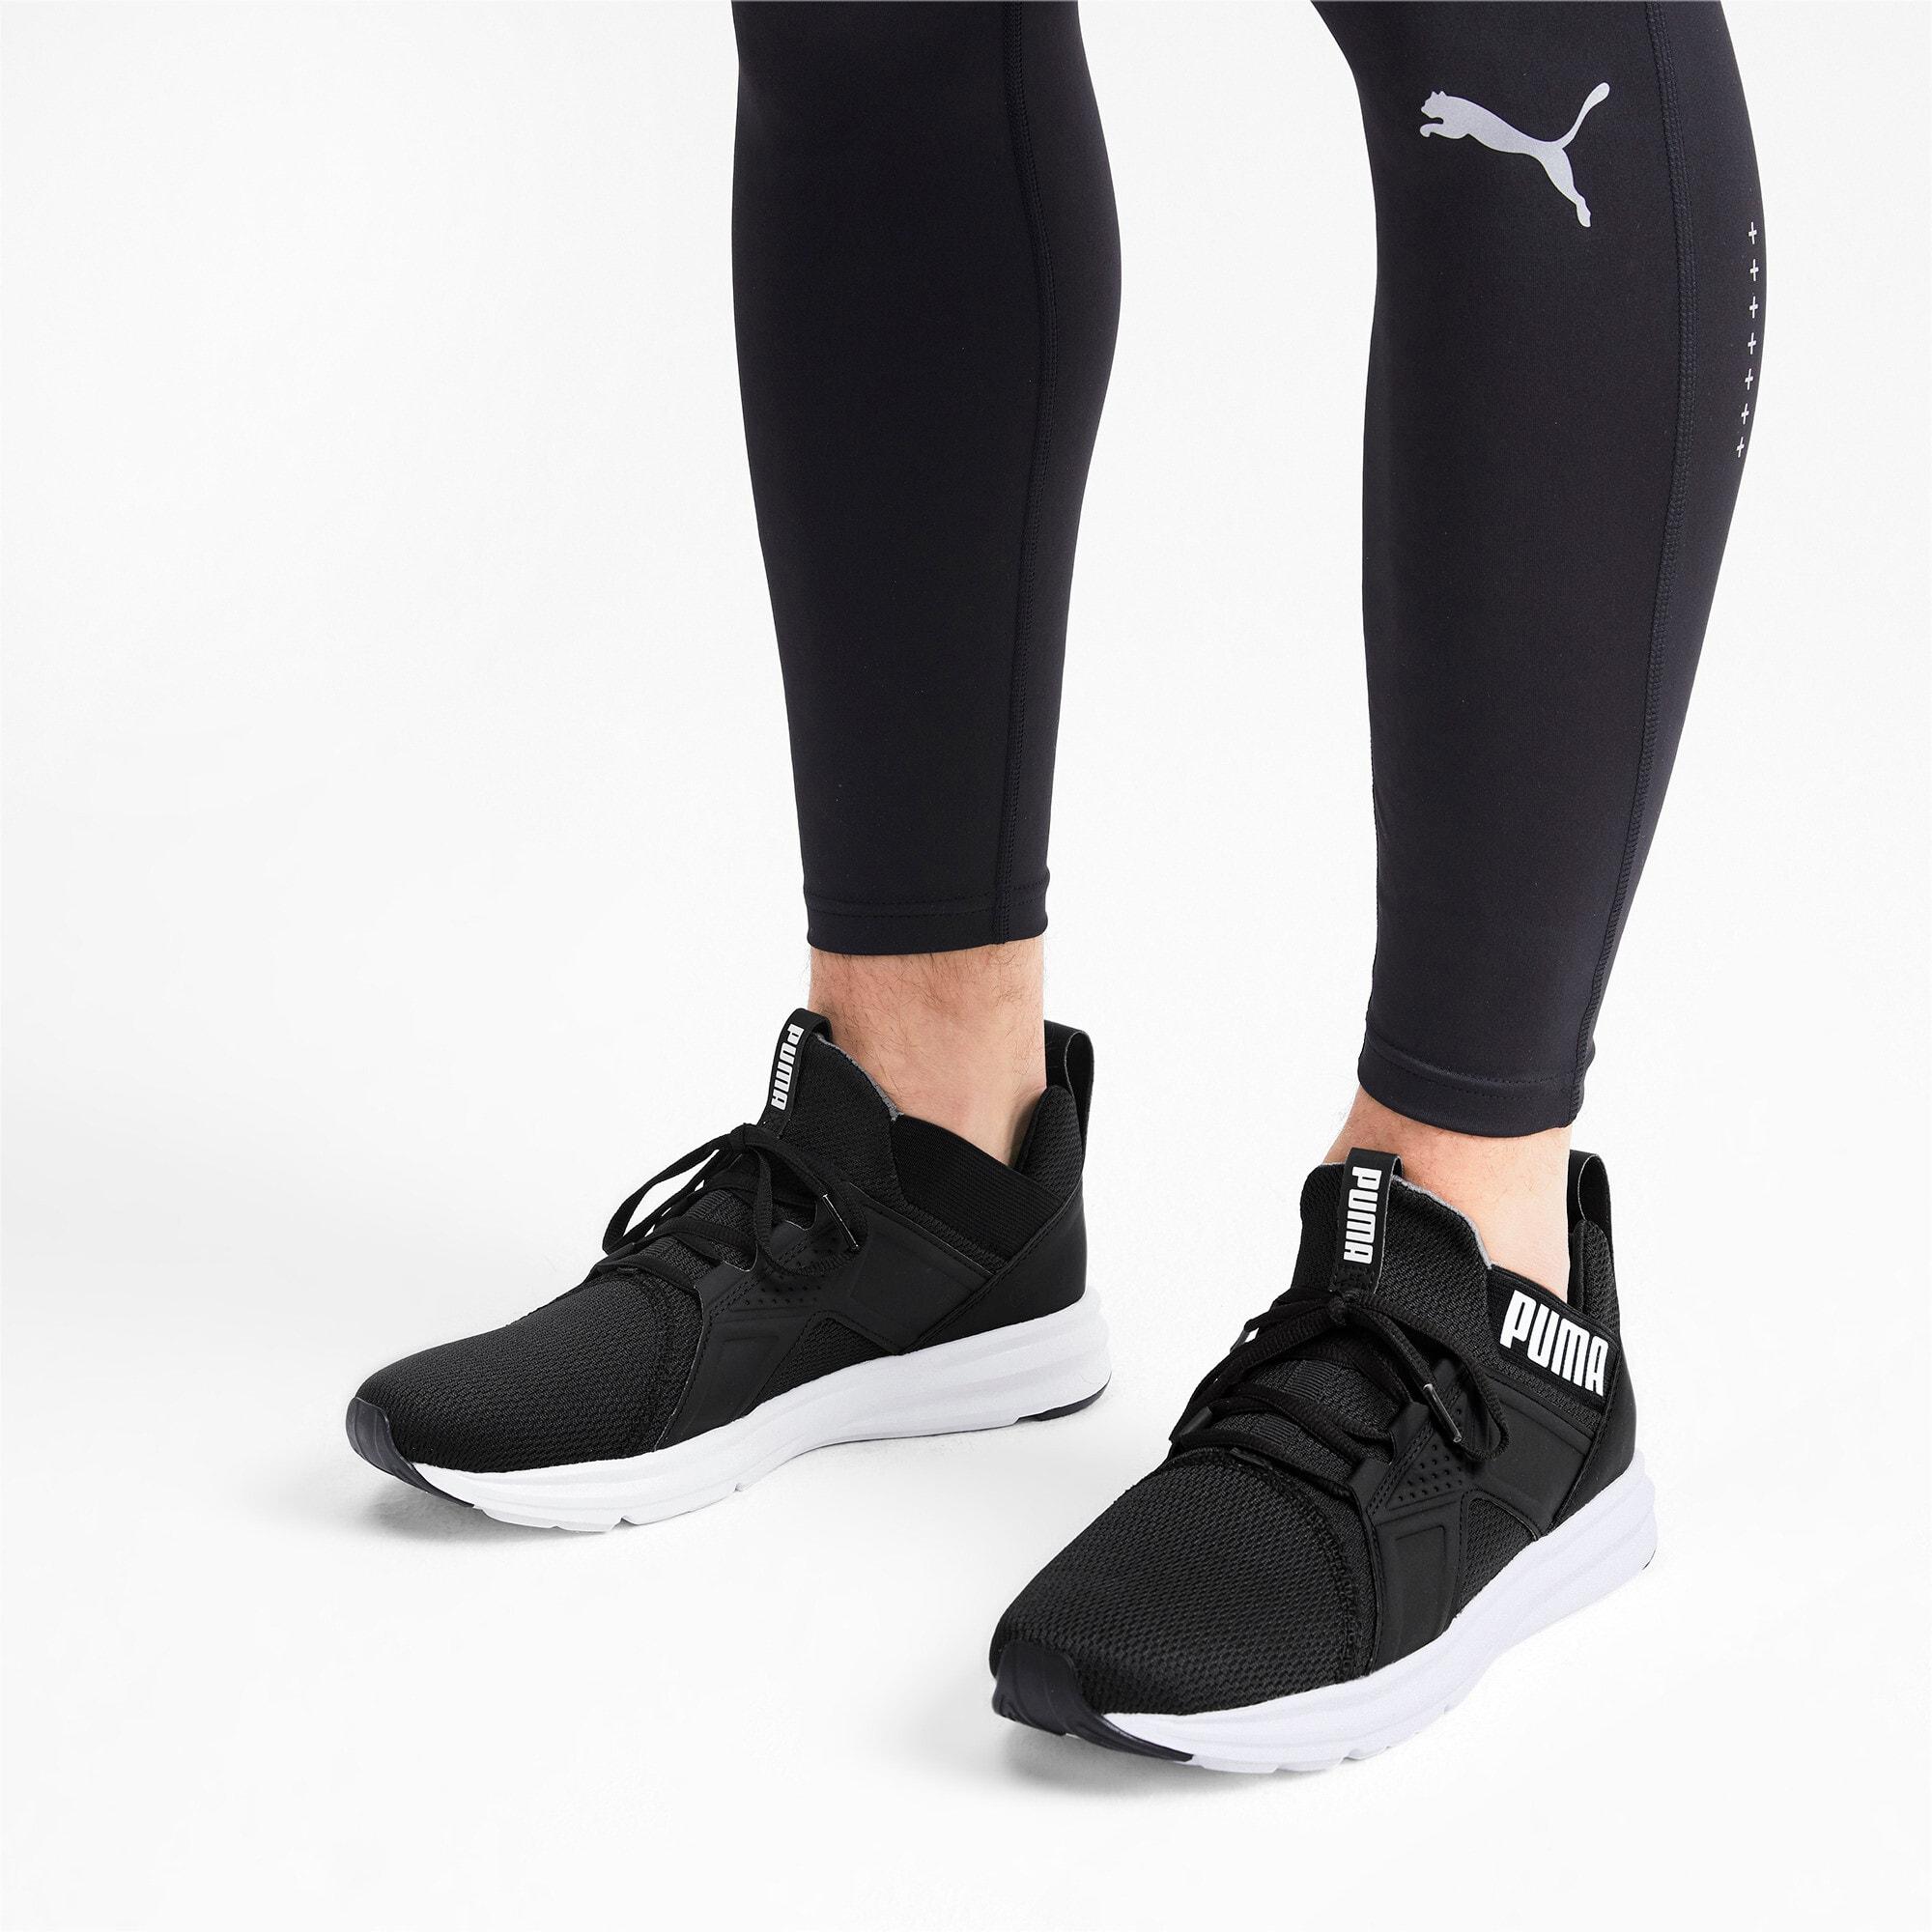 Thumbnail 2 of Enzo Sport Men's Training Shoes, Puma Black-Puma White, medium